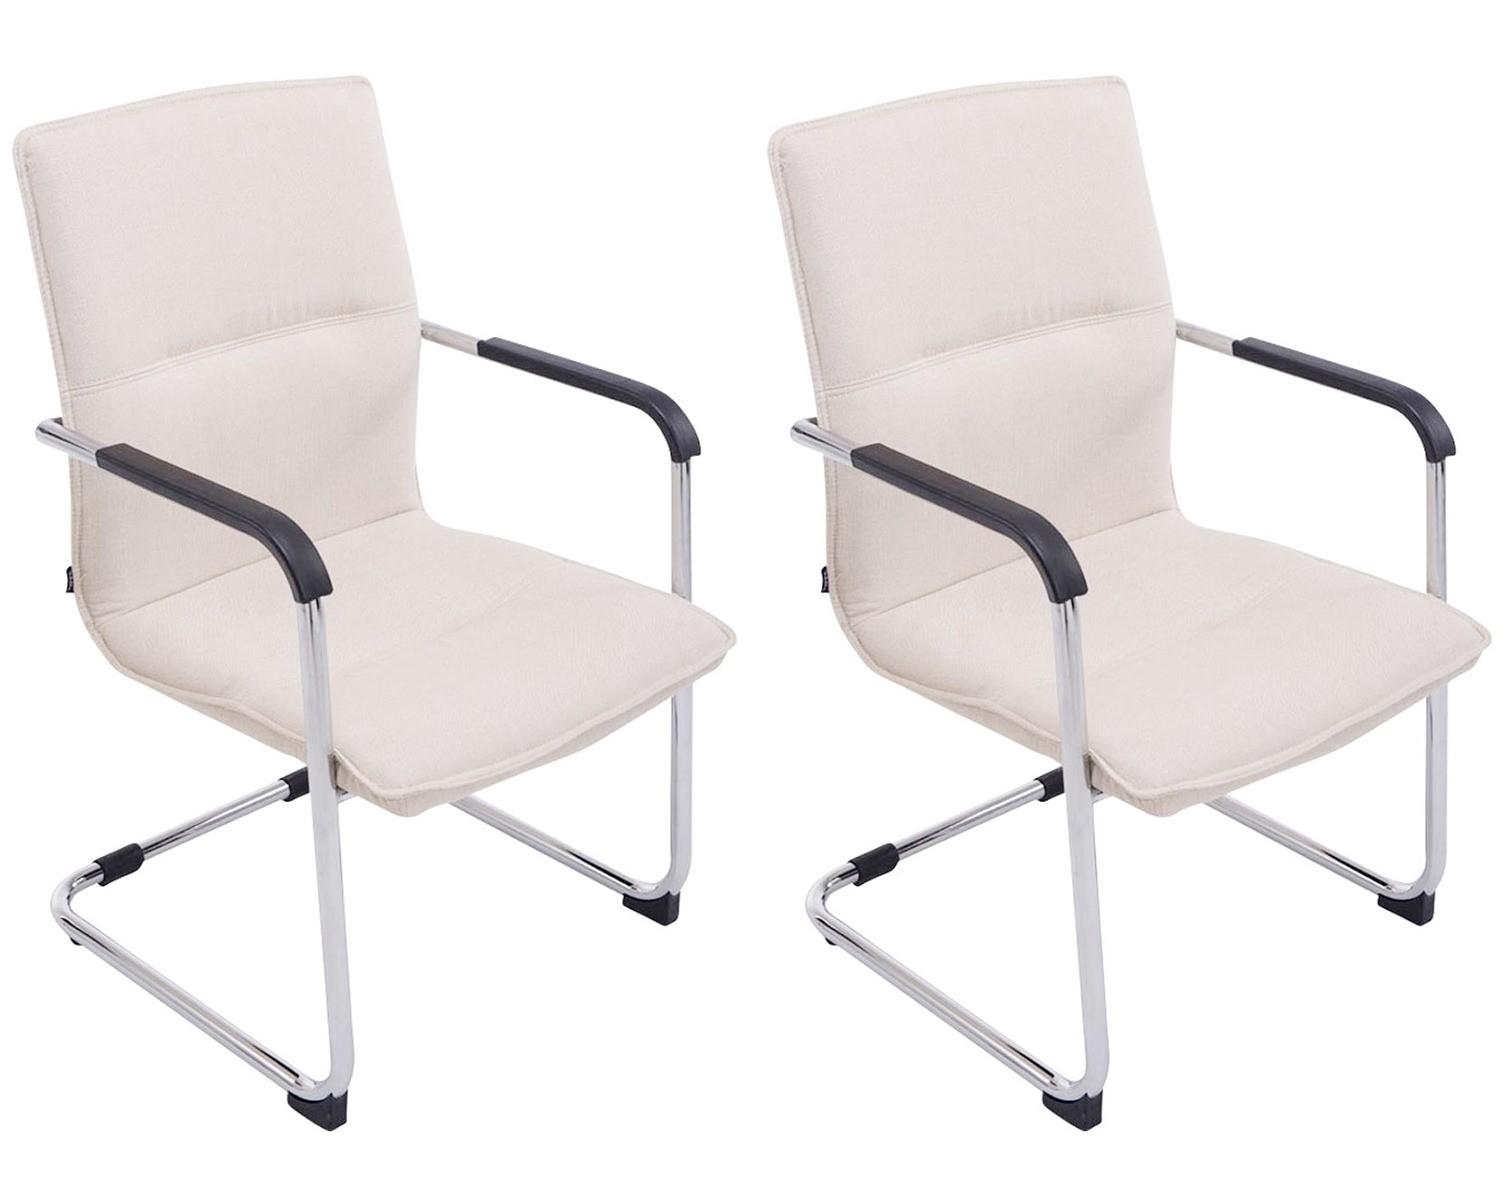 Lot de 2 chaises Seattle en Tissu - Chaise oscillante - Piètement Luge en Métal chromé